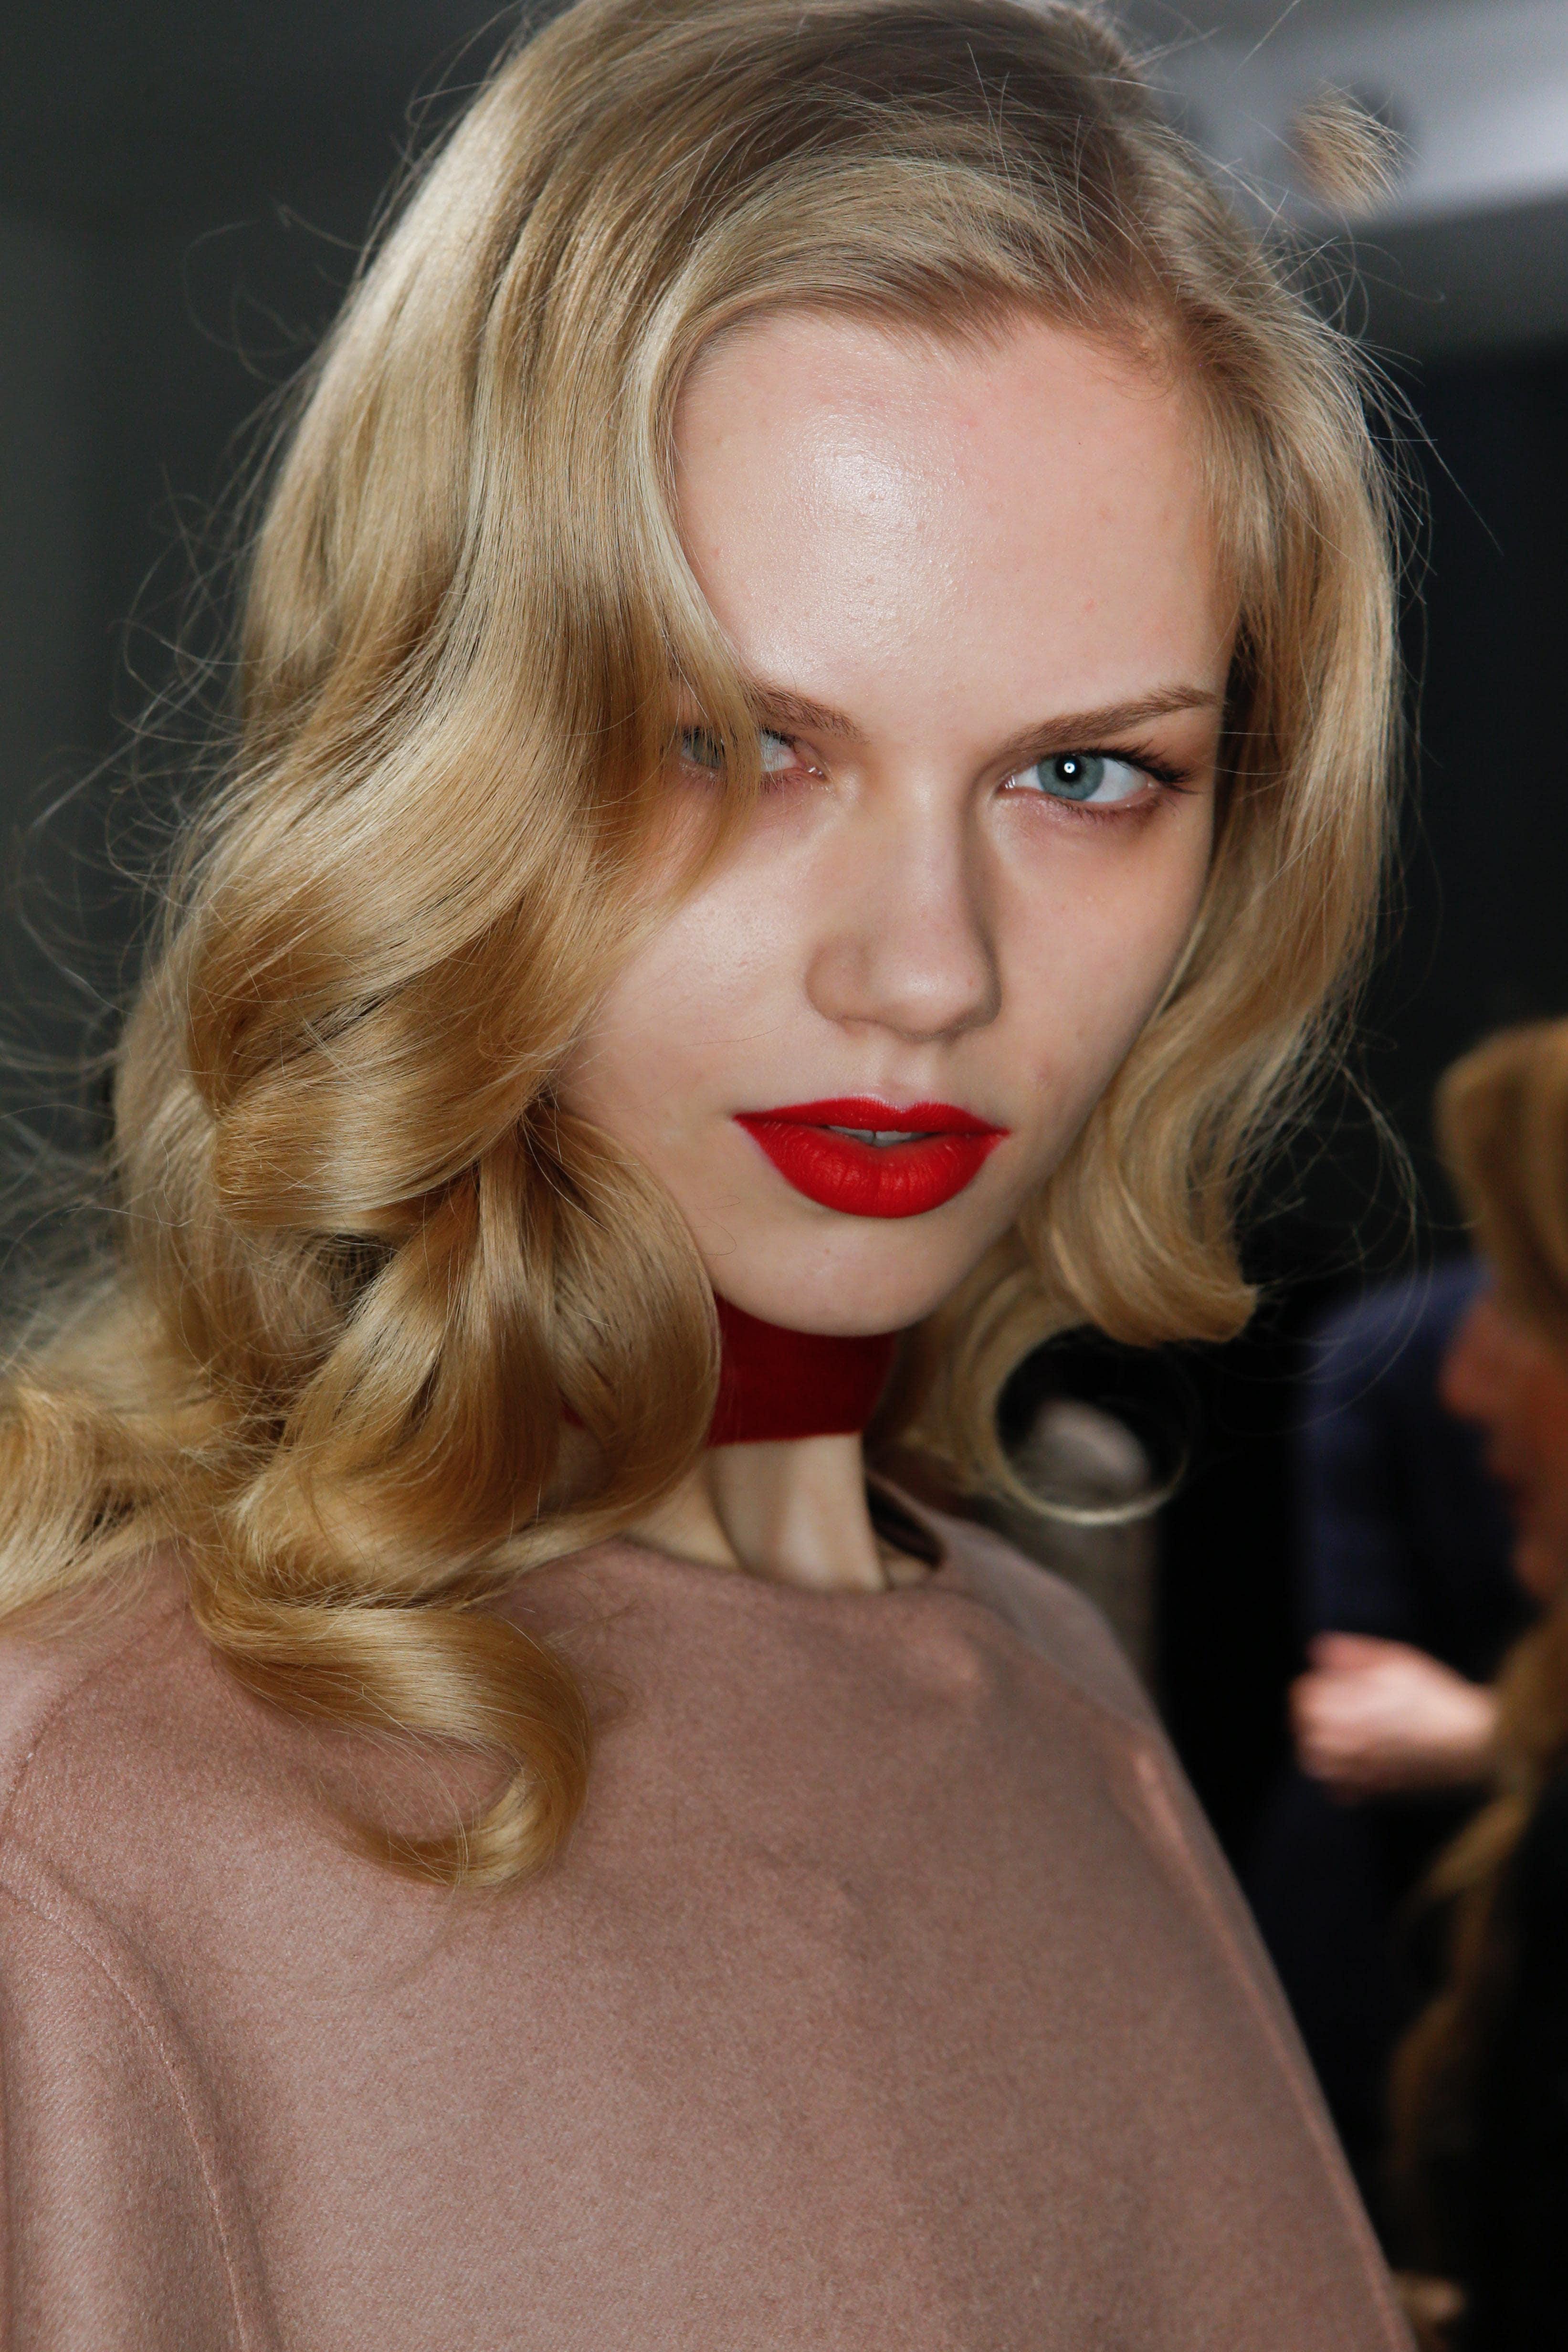 Coiffures de fête : Femme aux cheveux blonds bouclés vintage de longueur moyenne, portant un haut rose doux et un rouge à lèvres rouge vif.